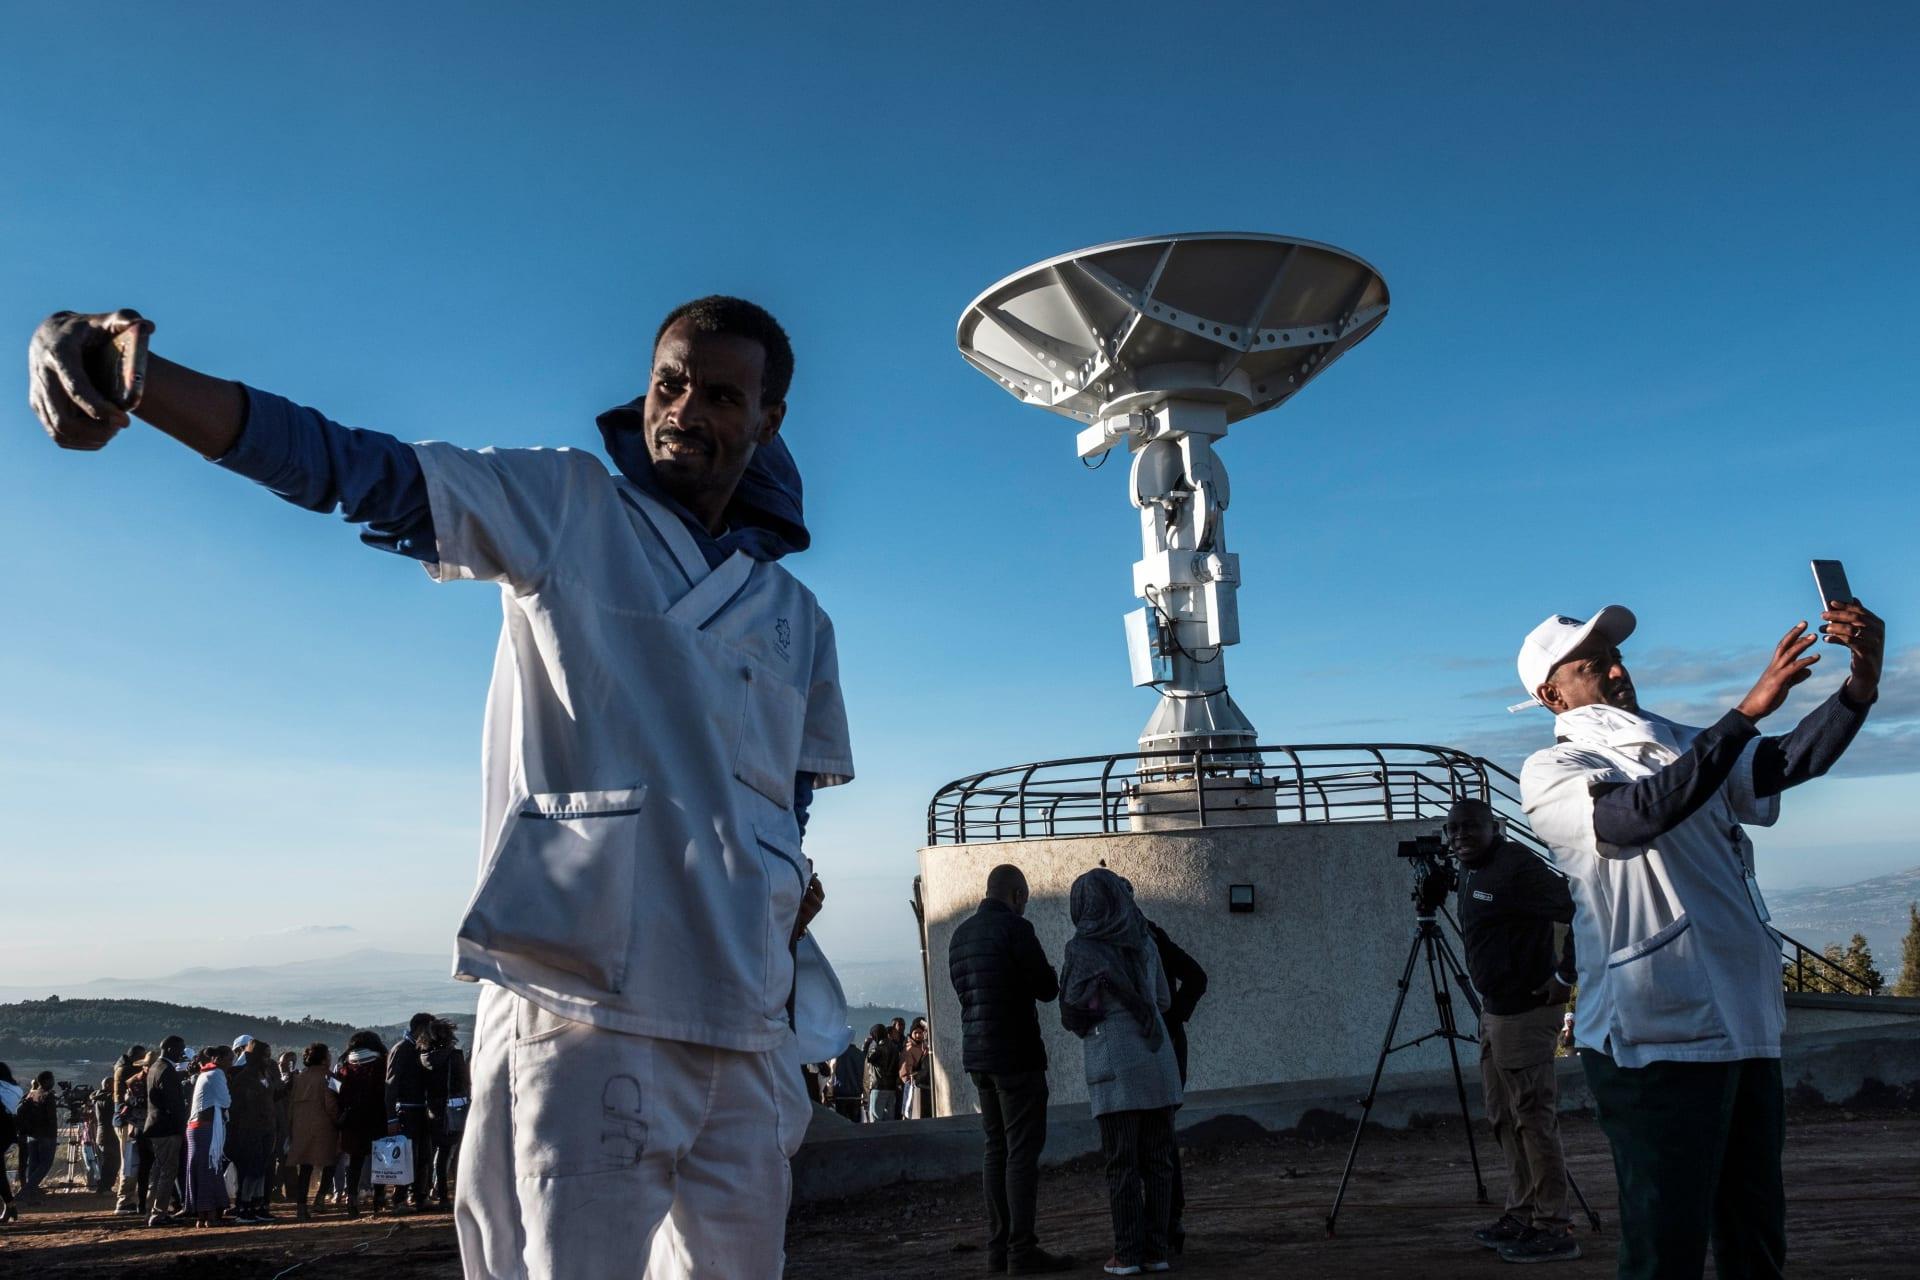 بمساعدة صينية.. إثيوبيا تطلق أول قمر صناعي إلى الفضاء